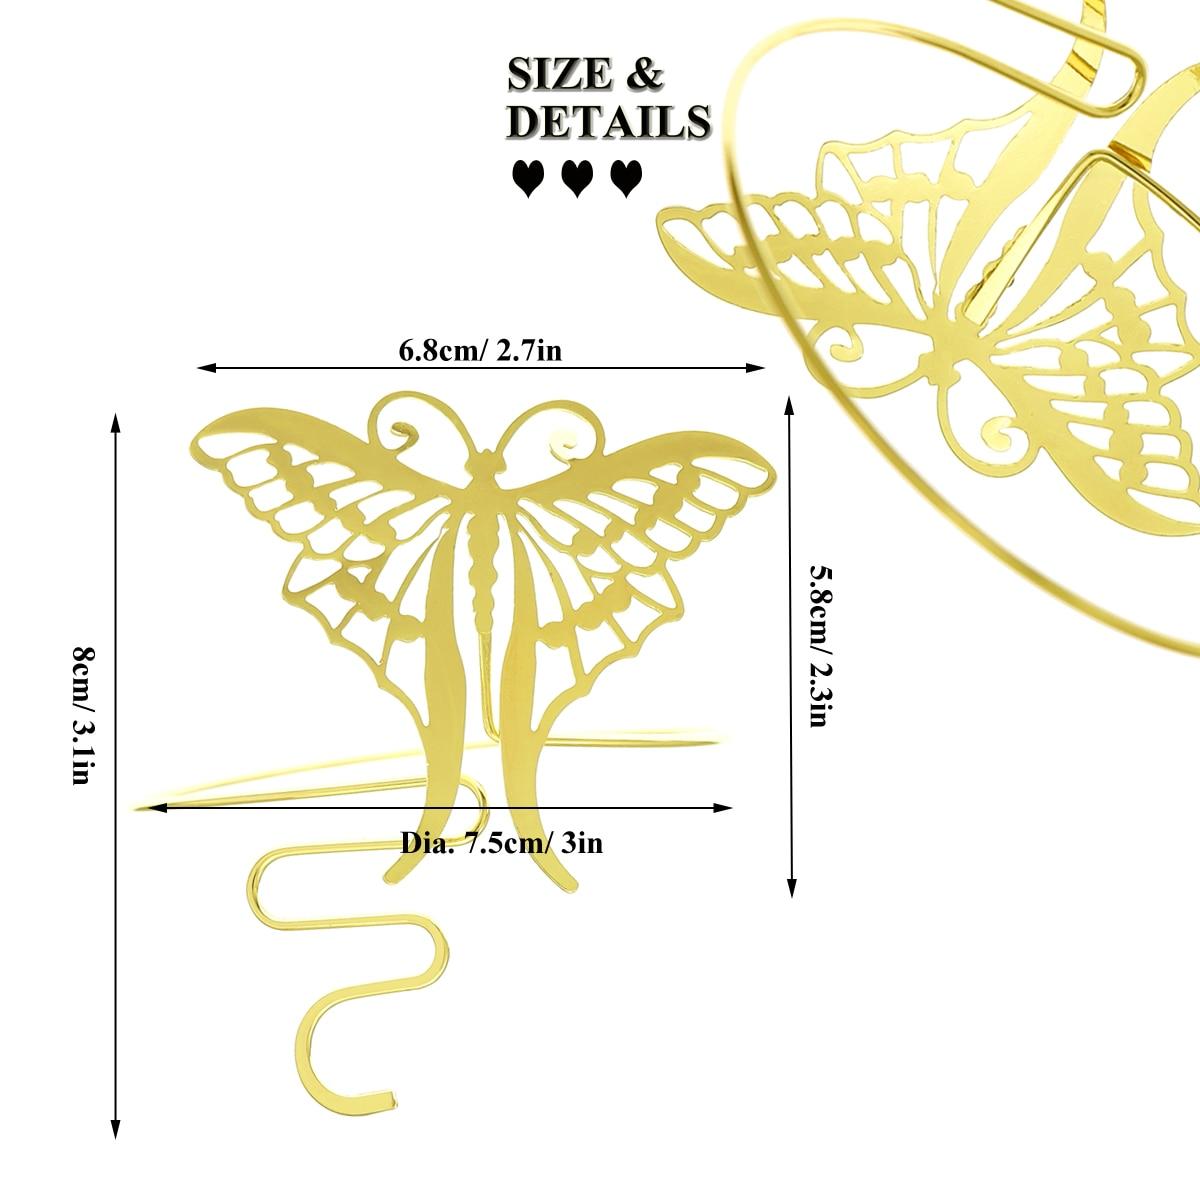 H61a1913574074a7fa274589b149b9931V Prata banhado a ouro grego folha de louro pulseira braçadeira braço superior manguito armlet festival nupcial dança do ventre jóias